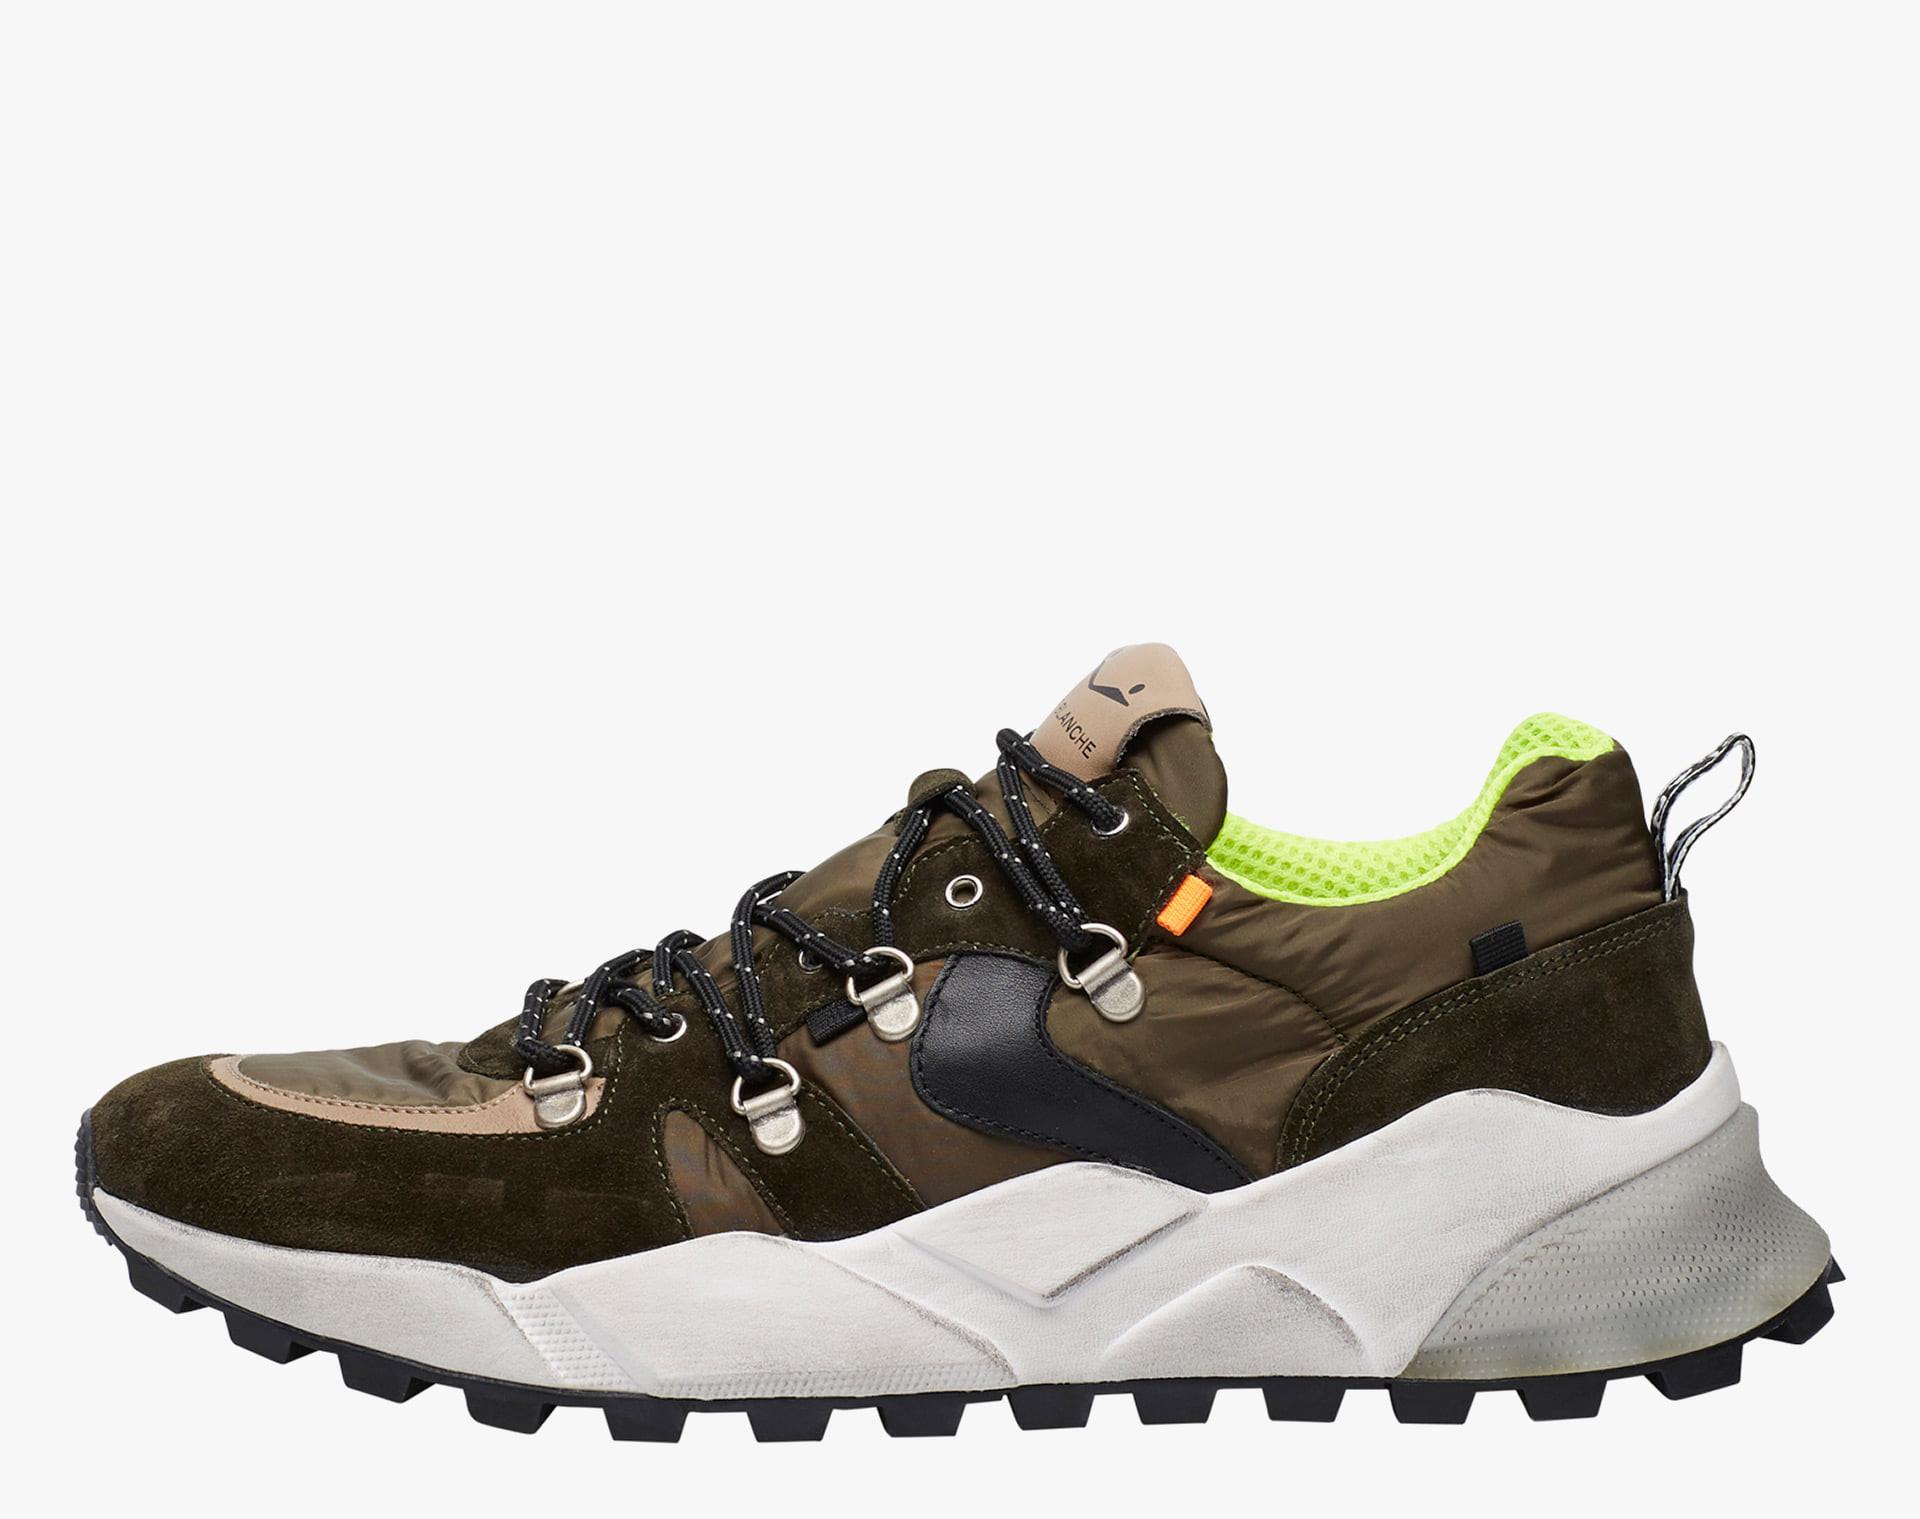 CLUB10 - Sneaker con occhielli metallici - Militare